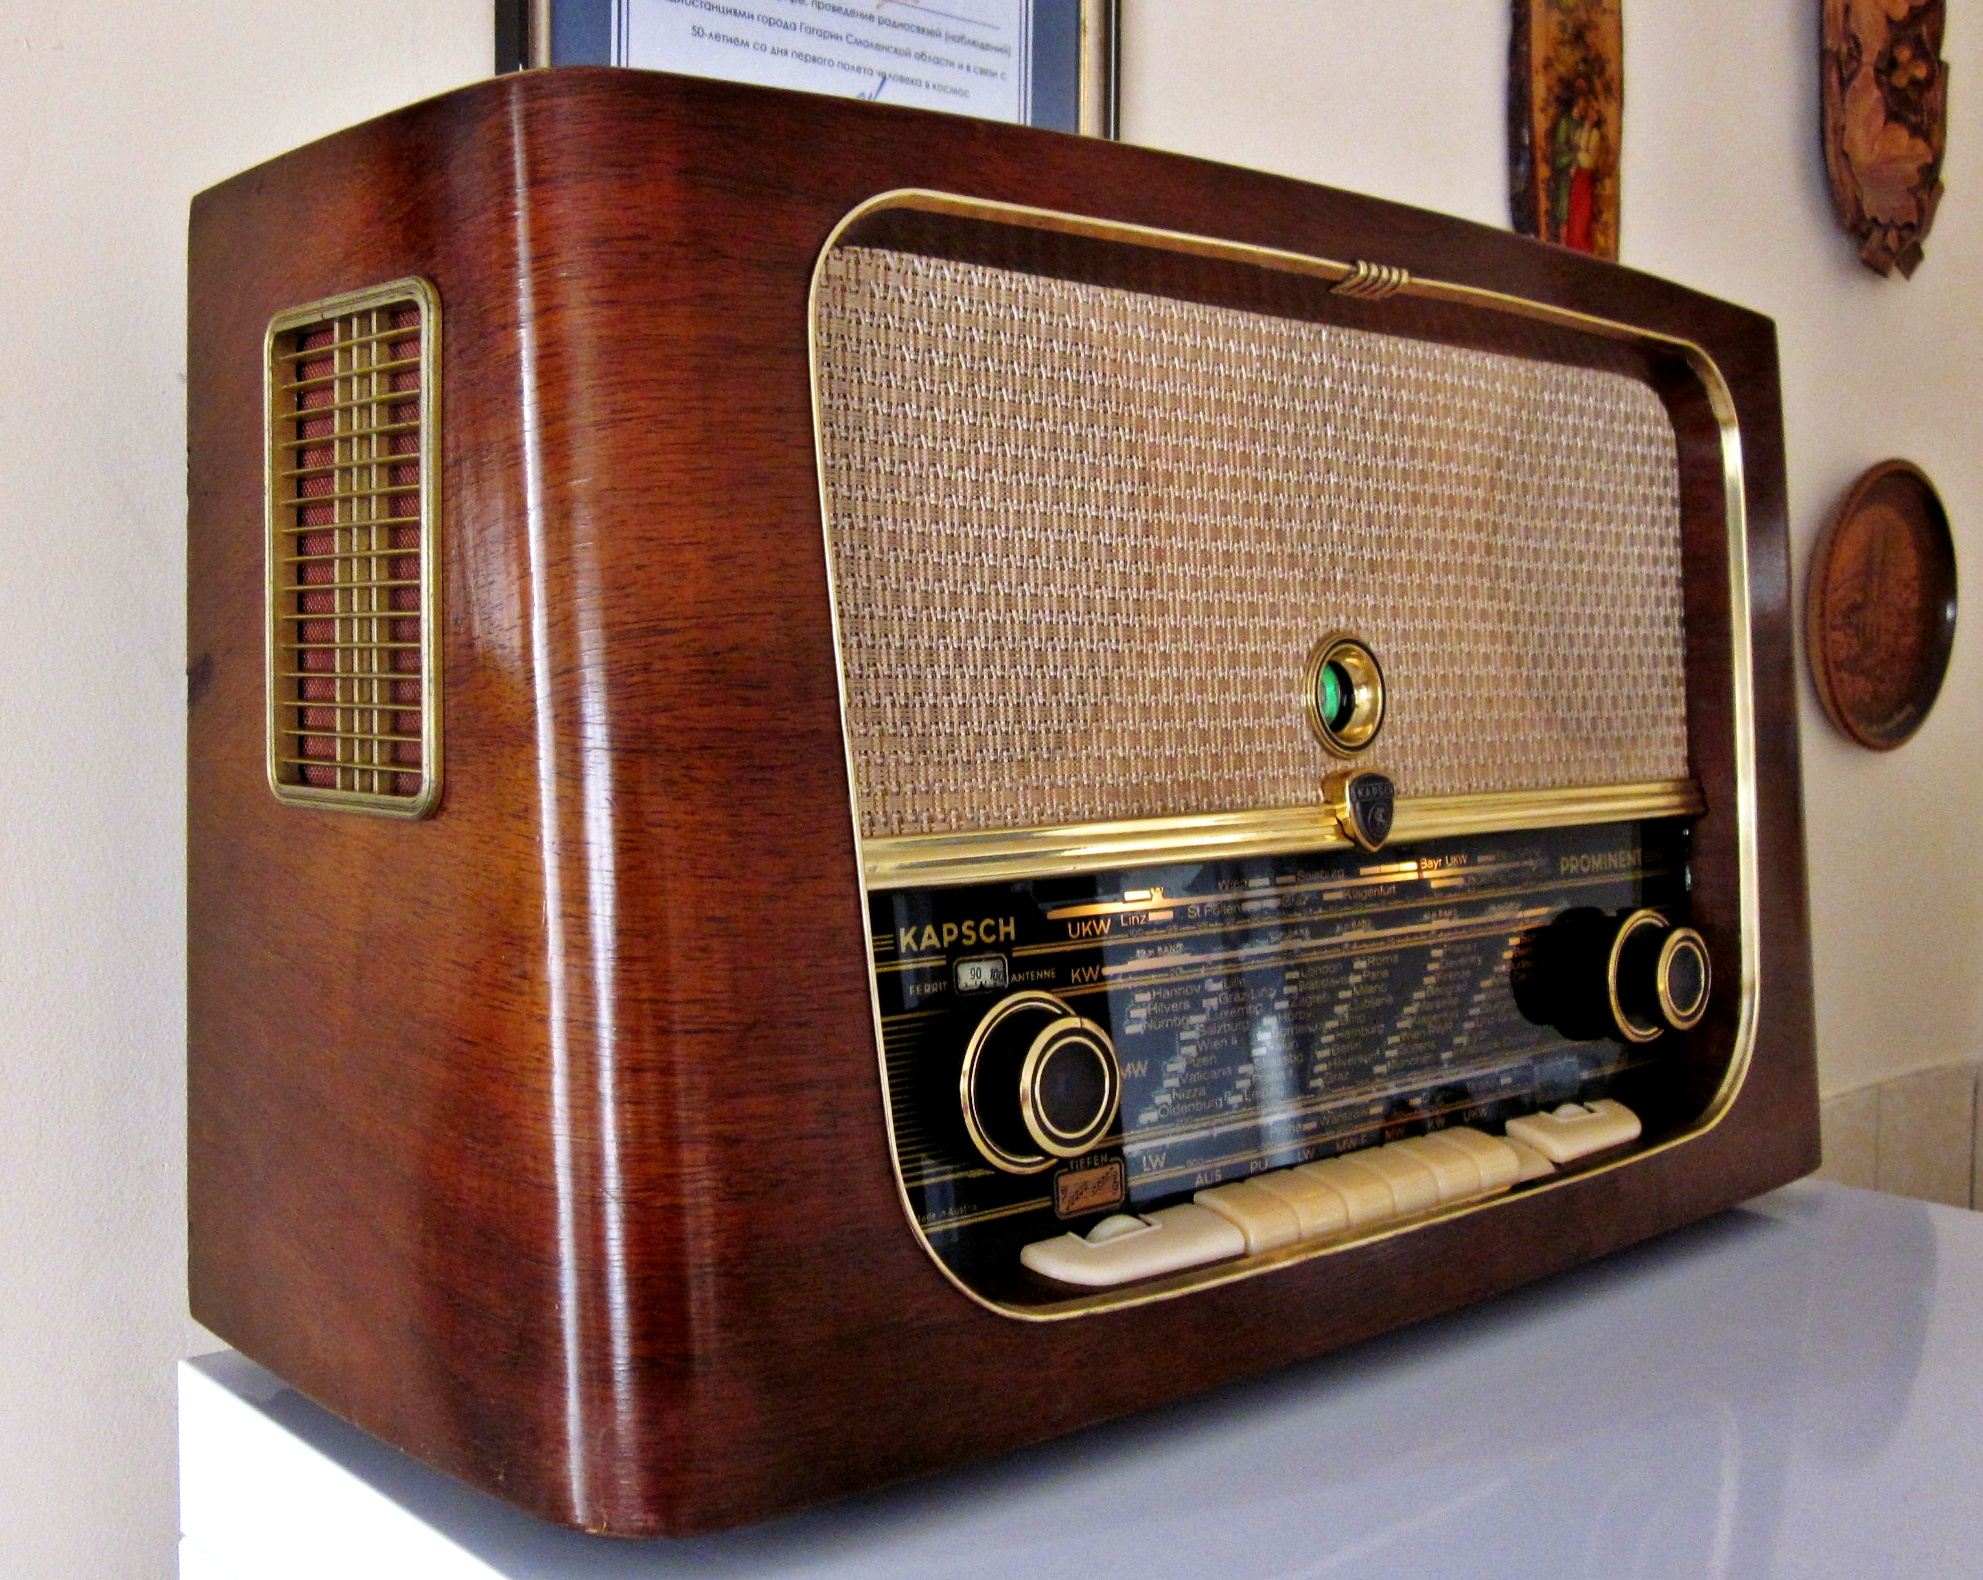 Ламповые радиоприёмники деда Панфила - Страница 4 E36de144f2a66dfb17c868f7930b817c